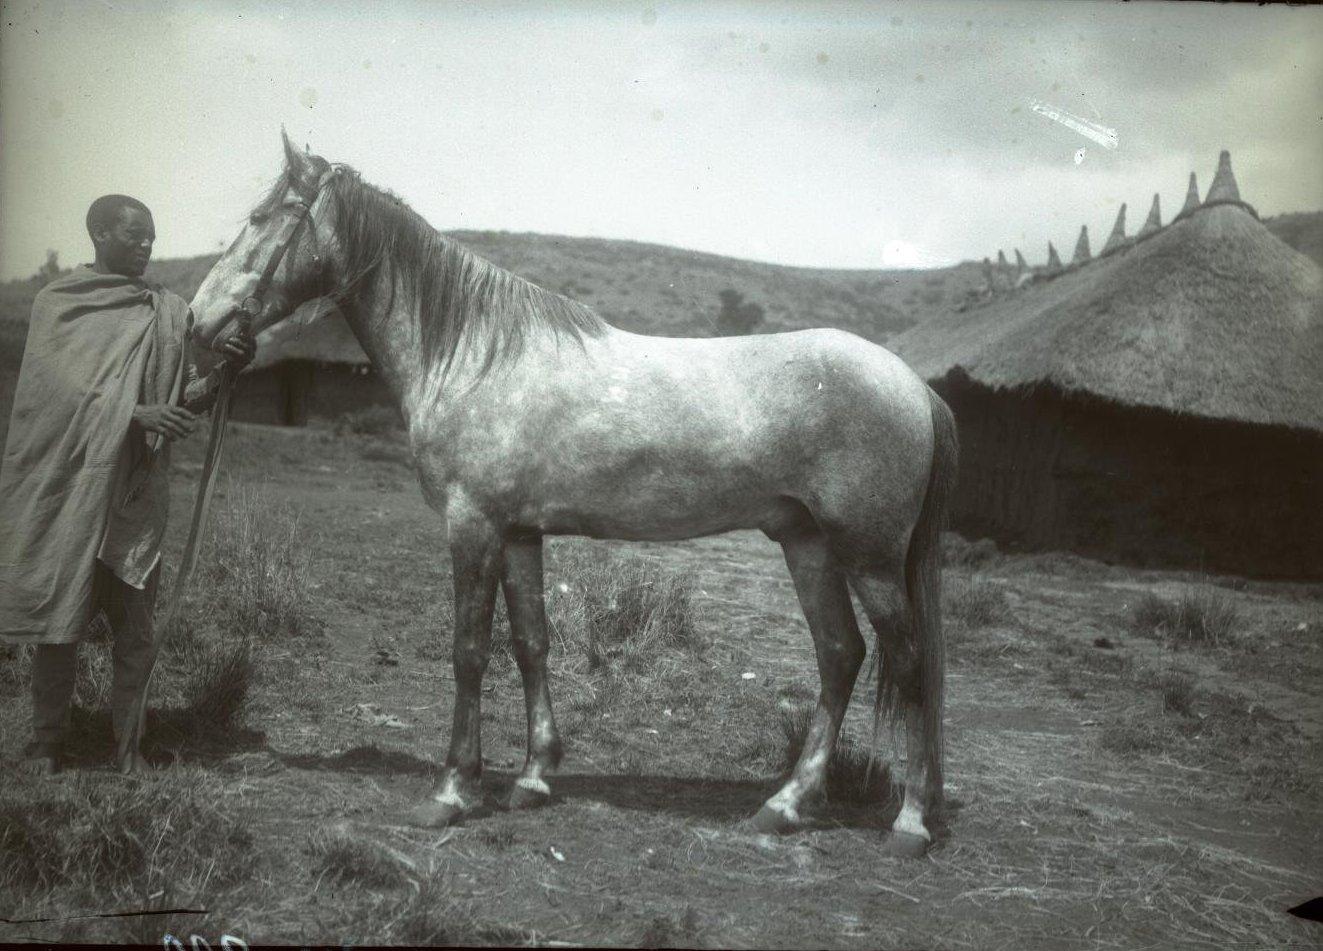 313. 1899. Абиссиния, Аддис-Абеба. Лошадь врача Драгомирова